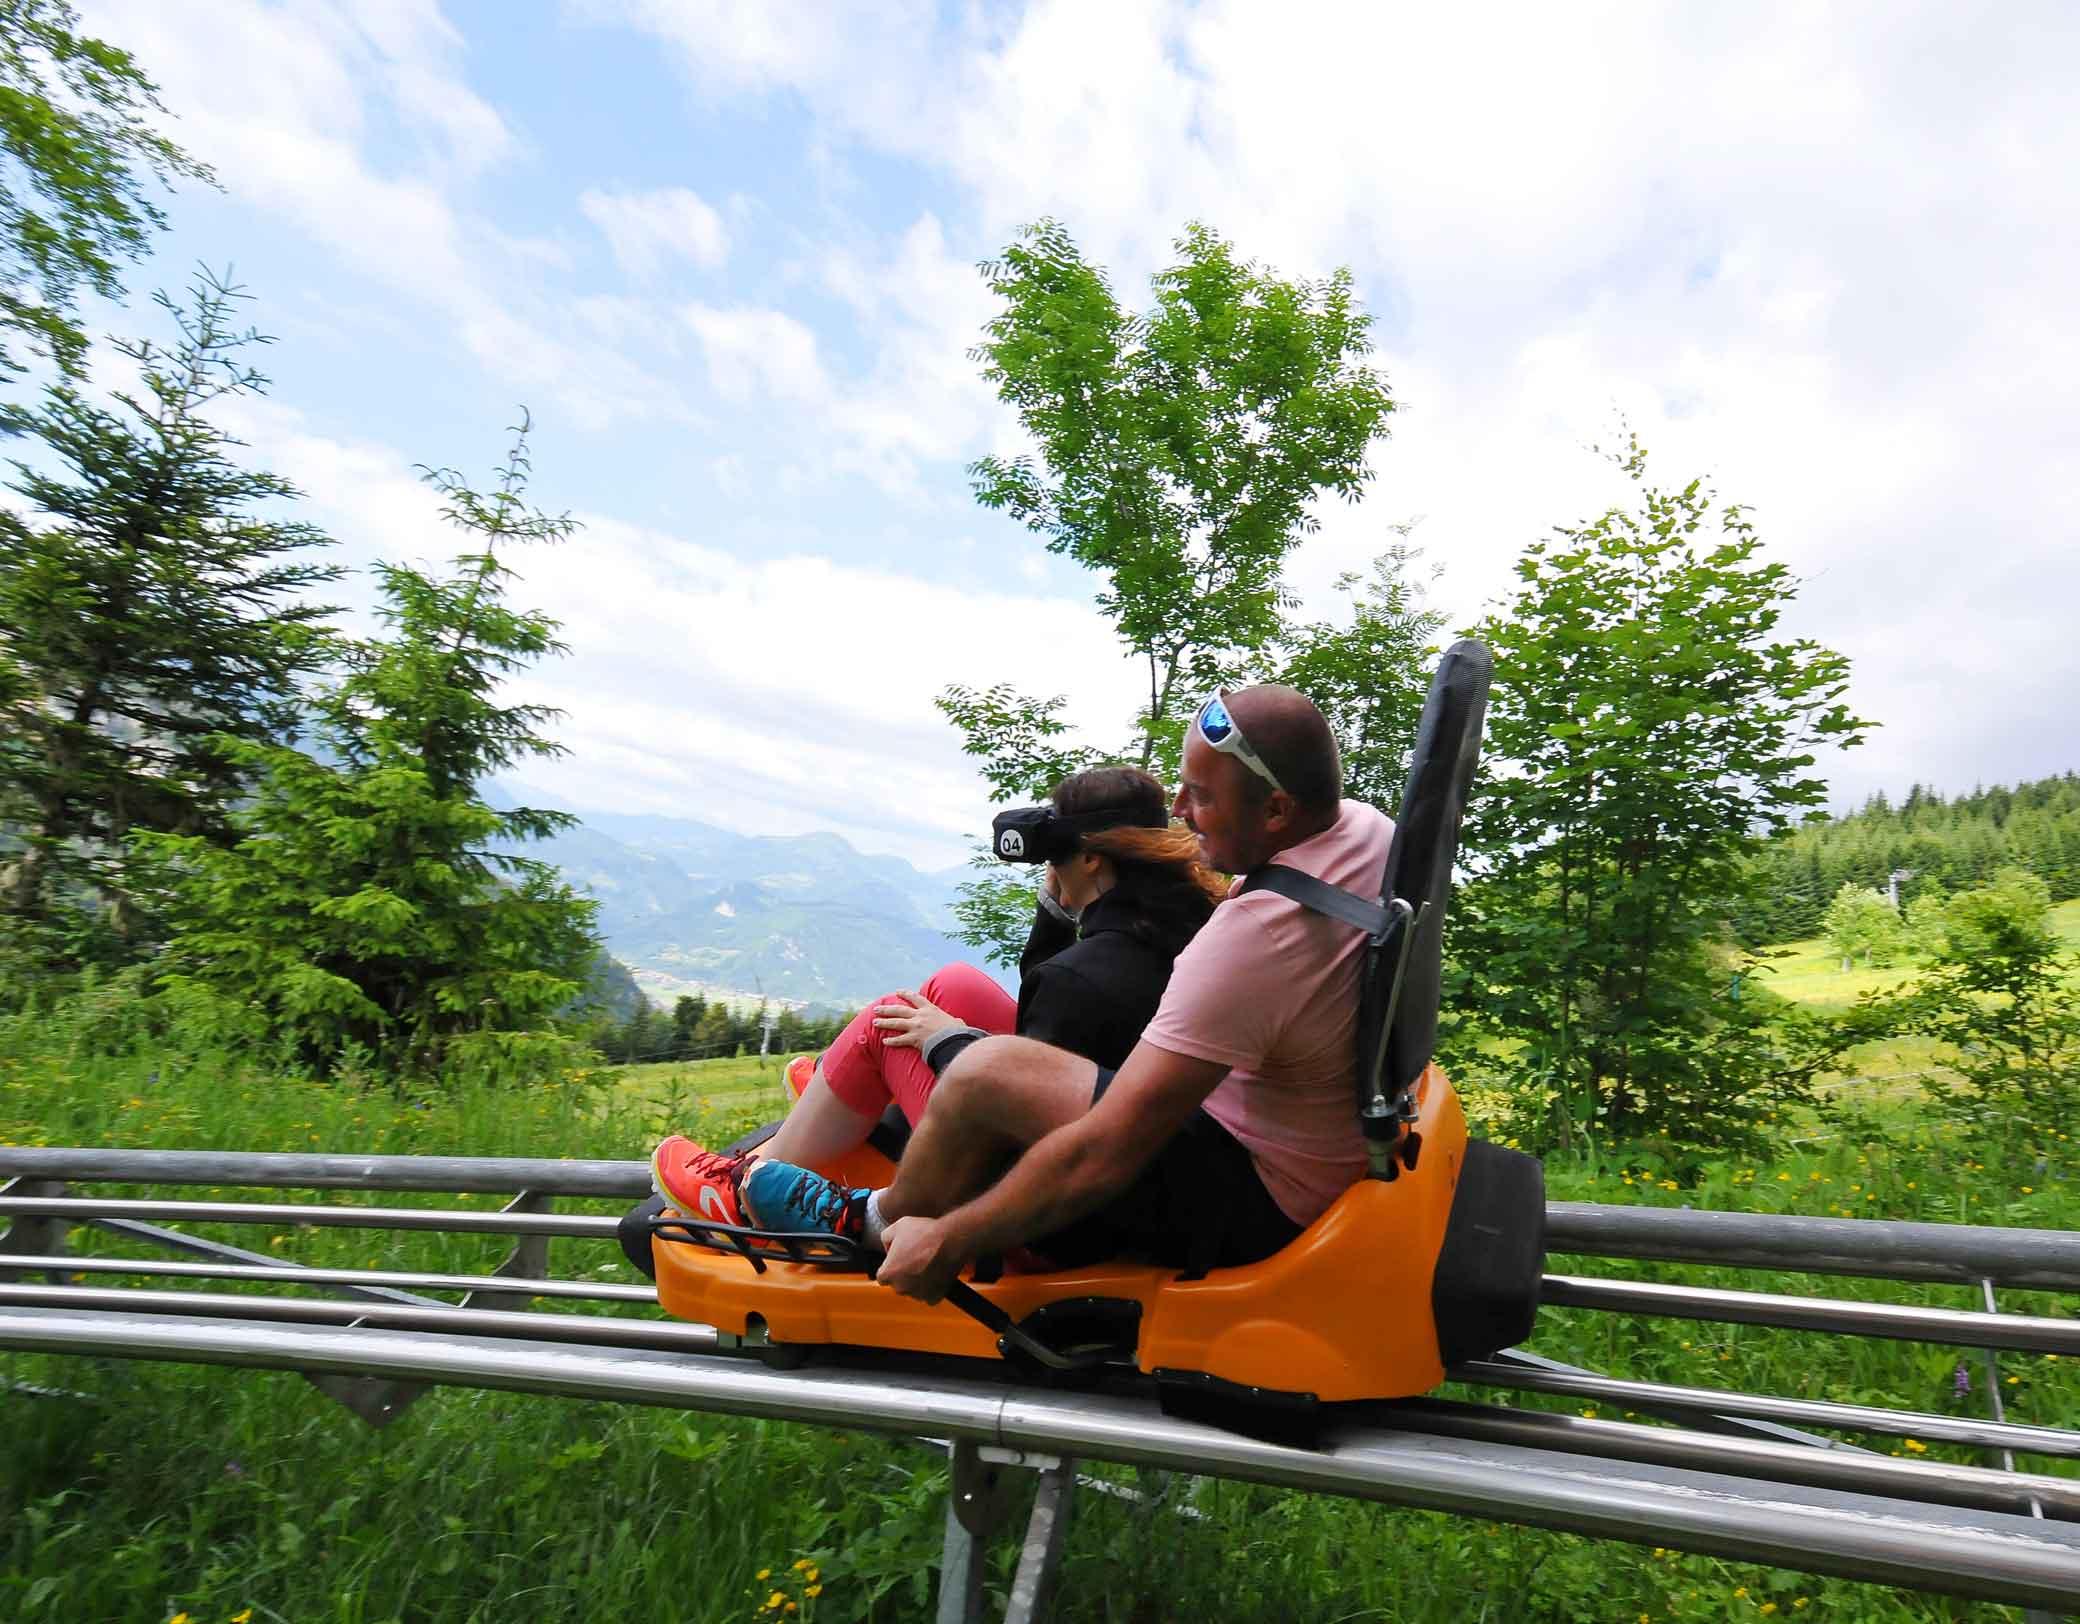 Activité insolite luge sur rails avec casque VR © RDNIS